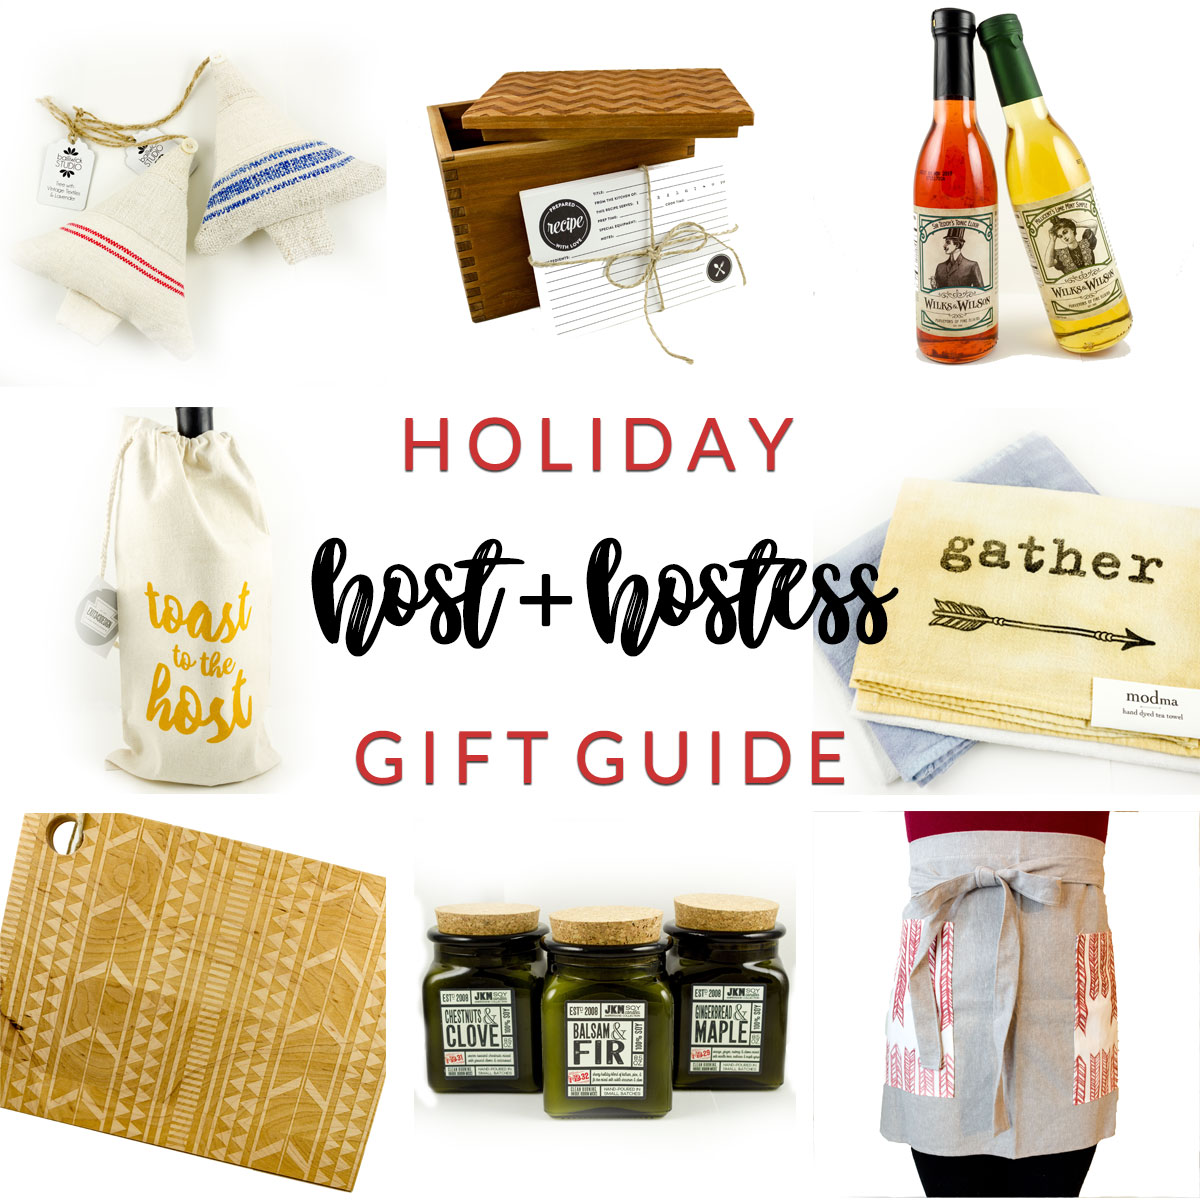 Host Hostess Holiday Gift Guide at Homespun Indianapolis